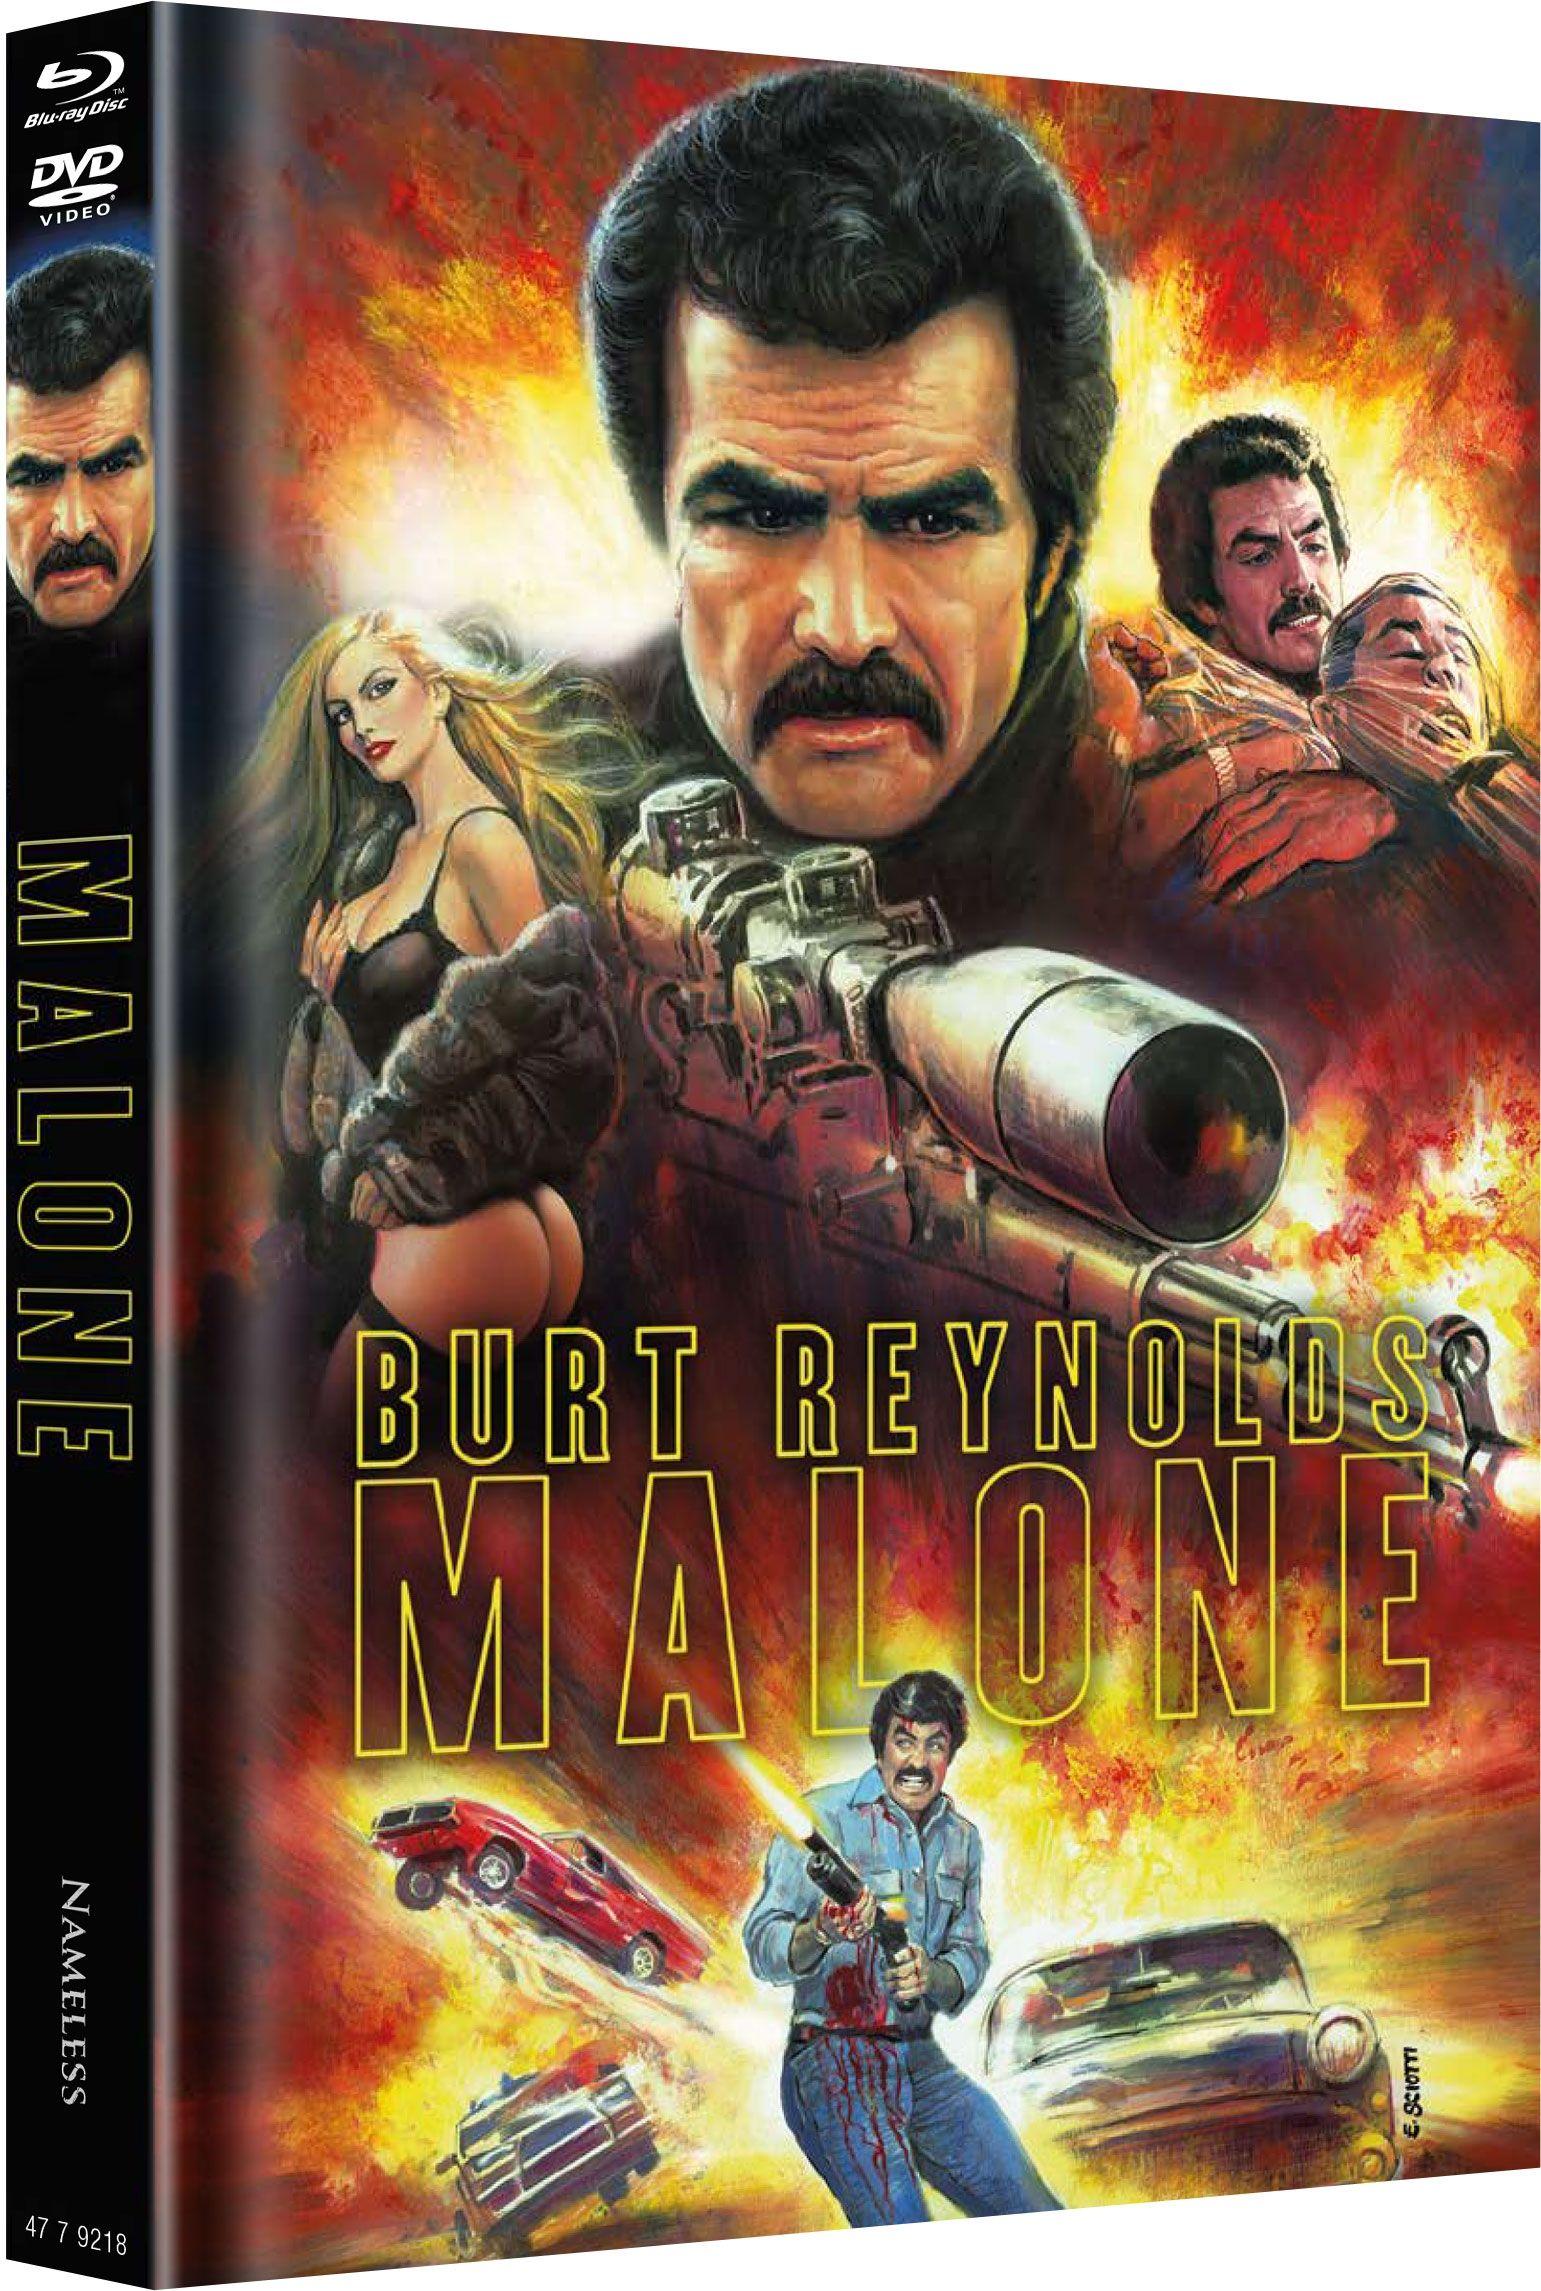 Malone - Nichts wird ihn aufhalten können (Lim. Uncut Mediabook - Cover B) (DVD + BLURAY)